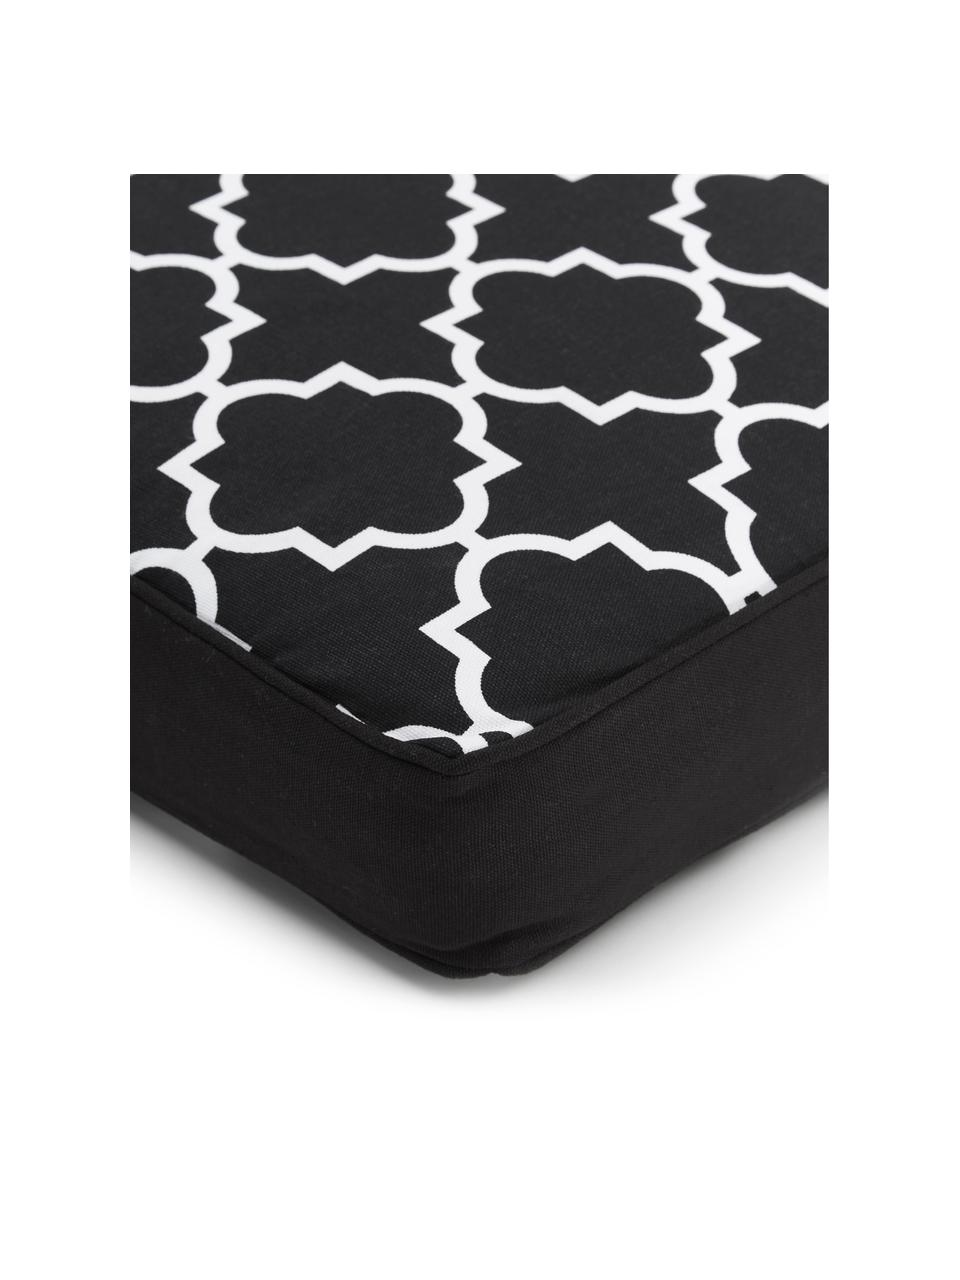 Hohes Sitzkissen Lana in Schwarz/Weiß, Bezug: 100% Baumwolle, Schwarz, 40 x 40 cm